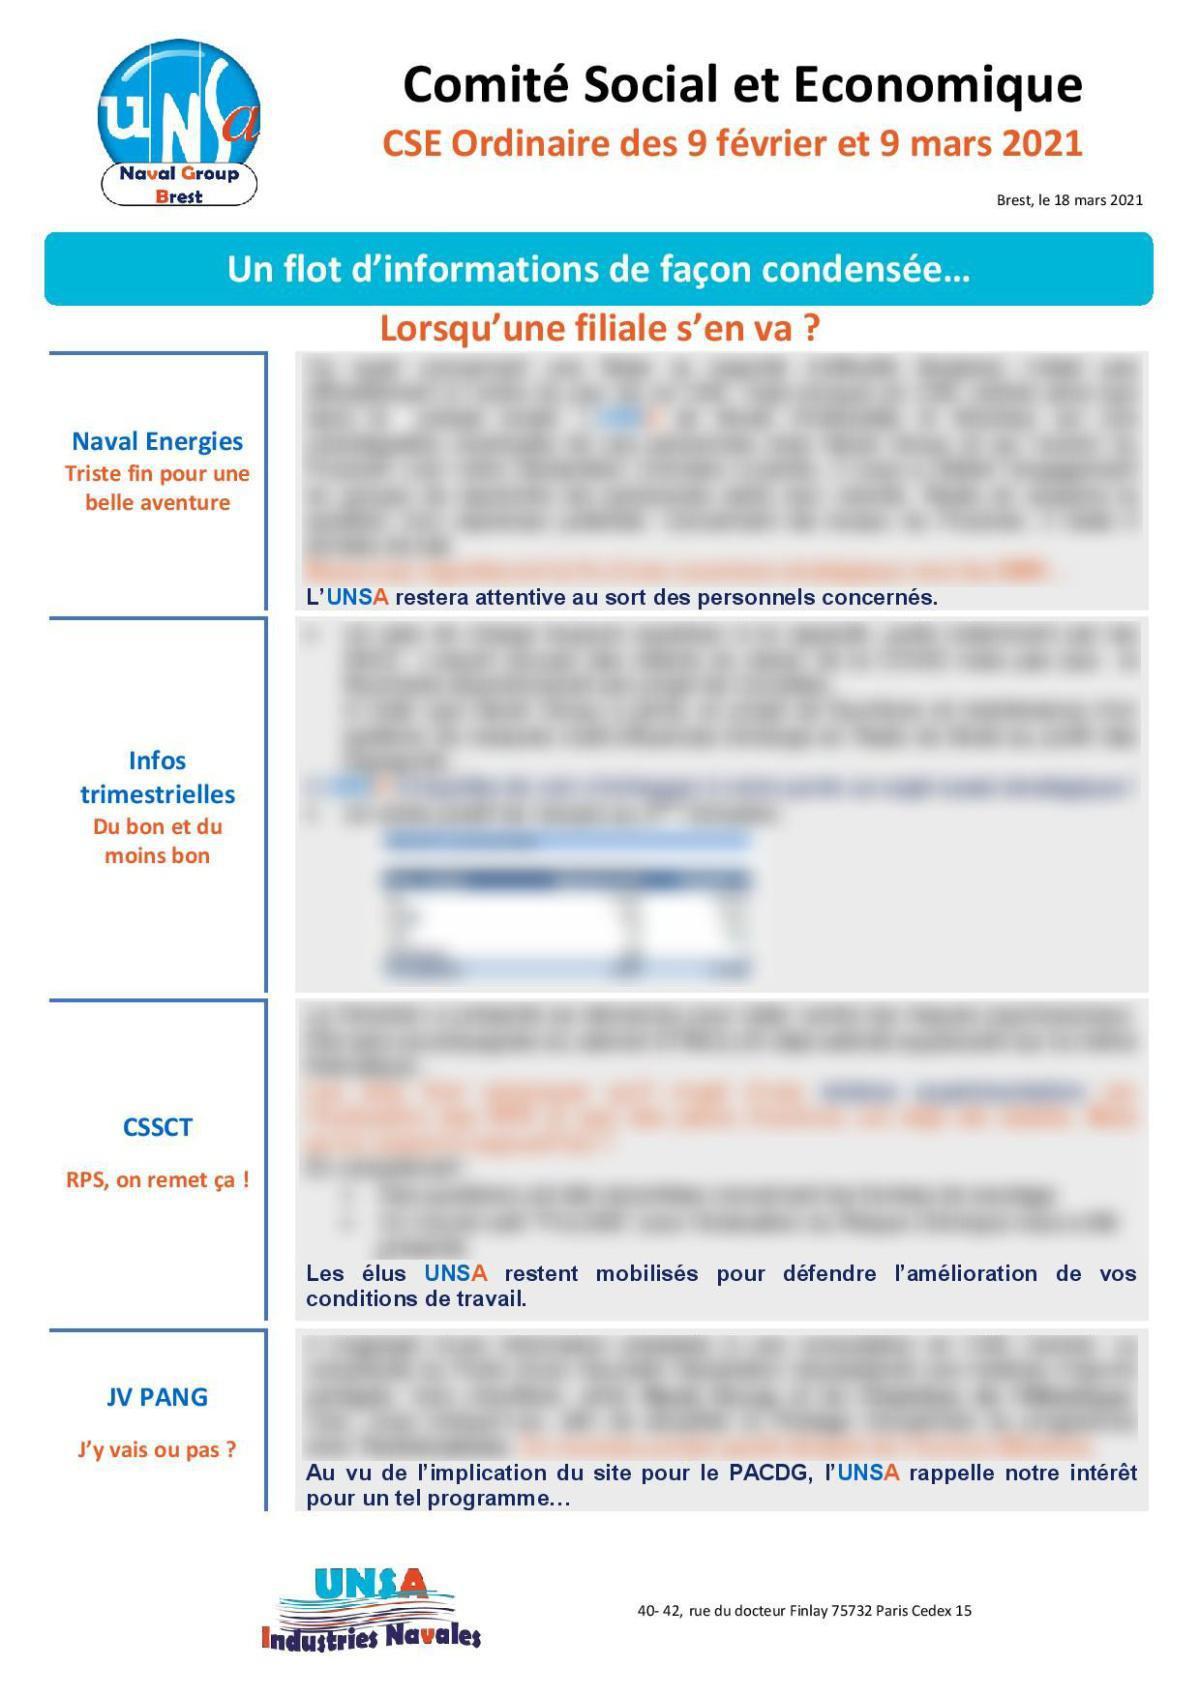 CSE de Brest - réunion du 9 février et 9 mars 2021 - Compte rendu